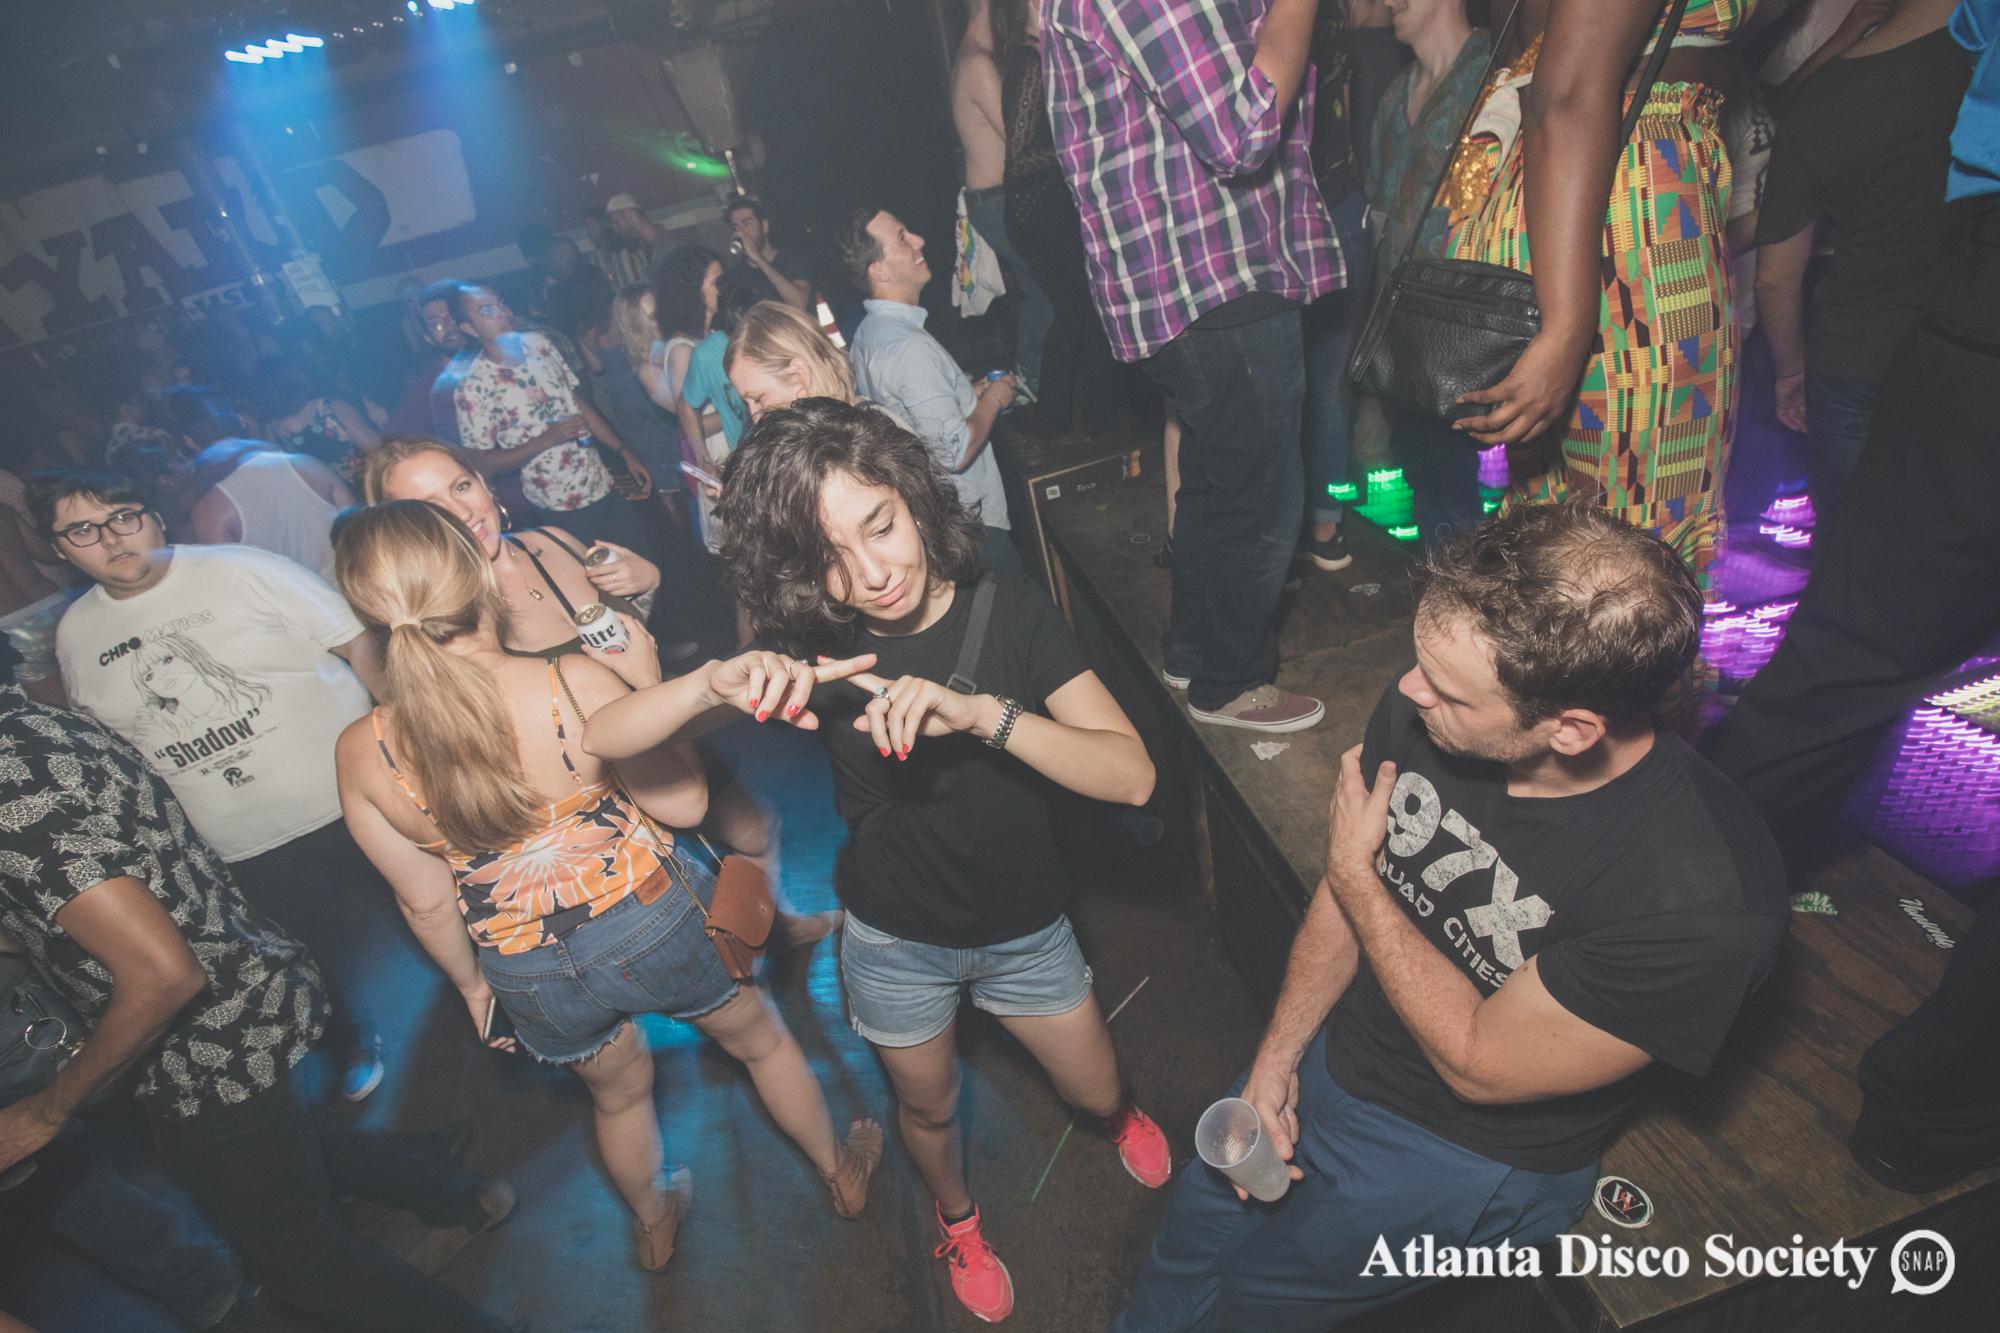 94Atlanta Disco Society Grace Kelly Oh Snap Kid 7.27.19.jpg